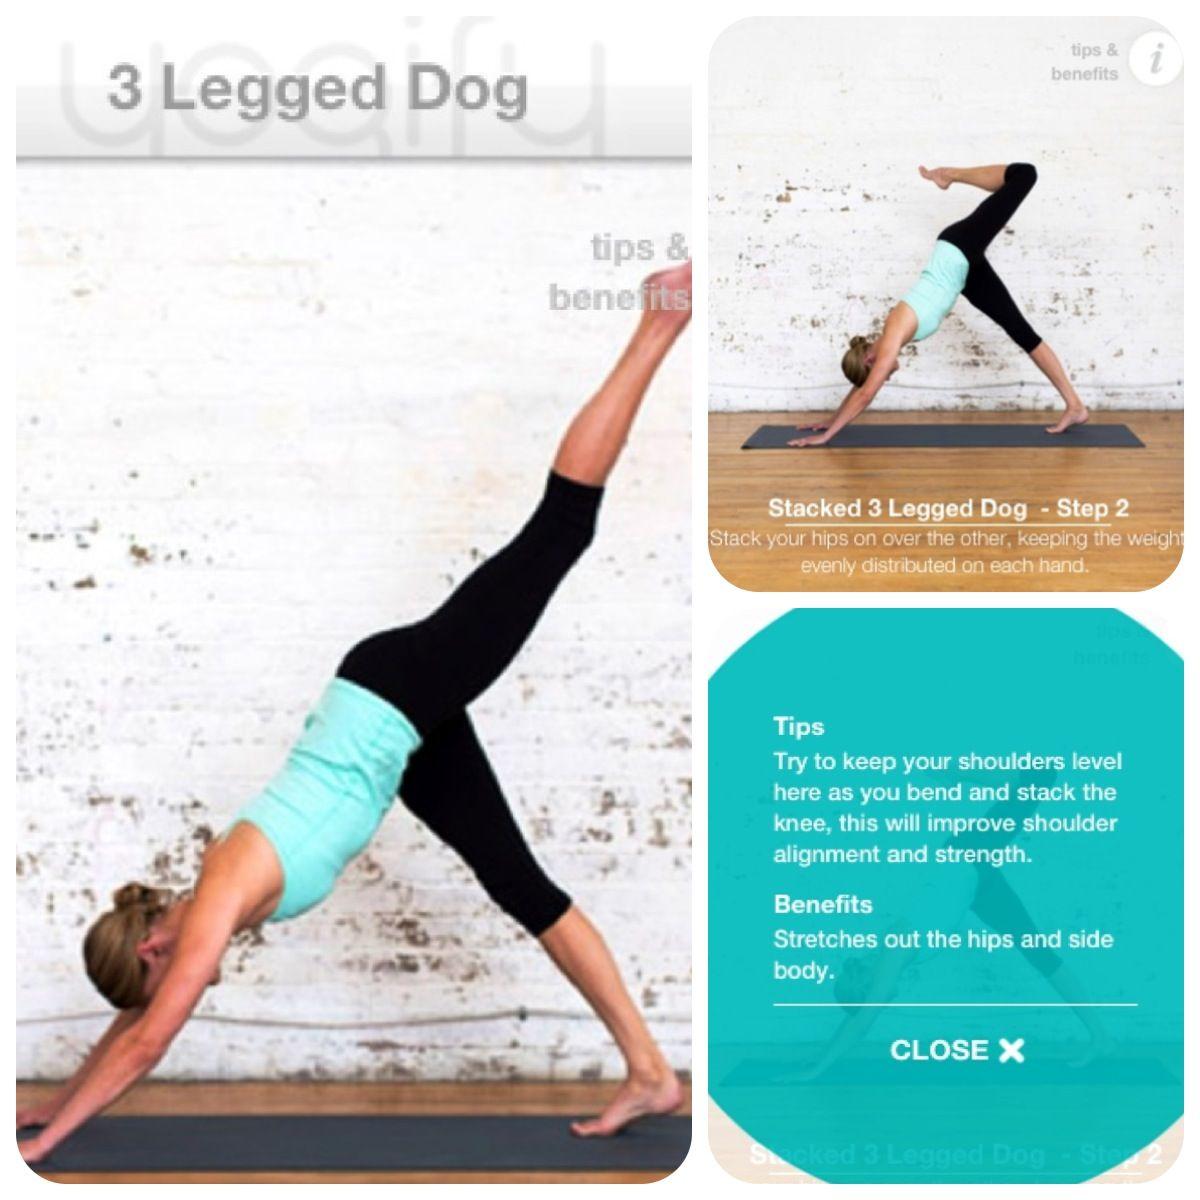 3 Legged Dog Stacked 3 Legged Upper Body Strength Hip Flexor Body Poses